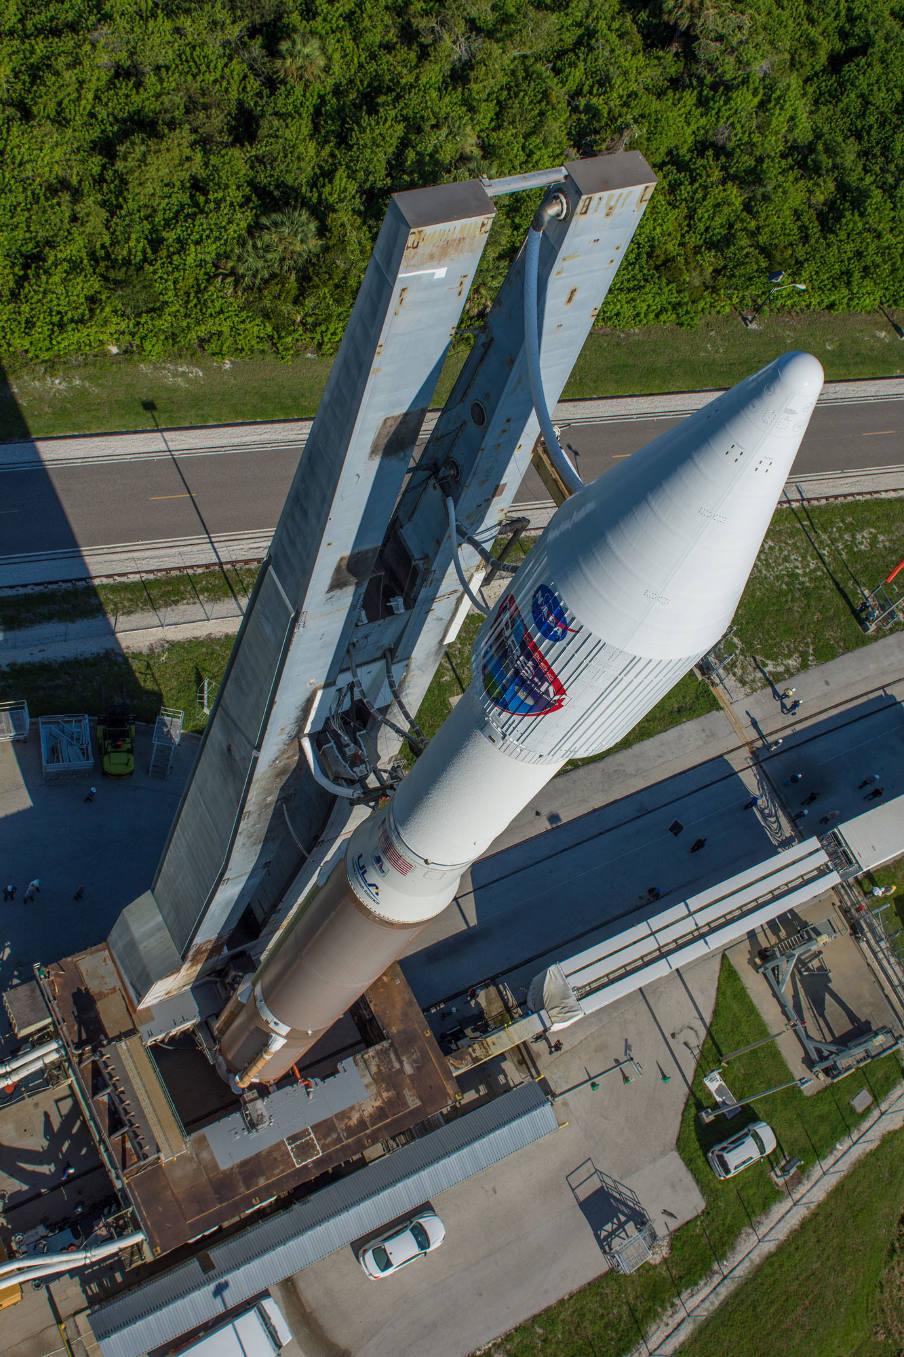 Un nouveau relai TDRS sur orbite